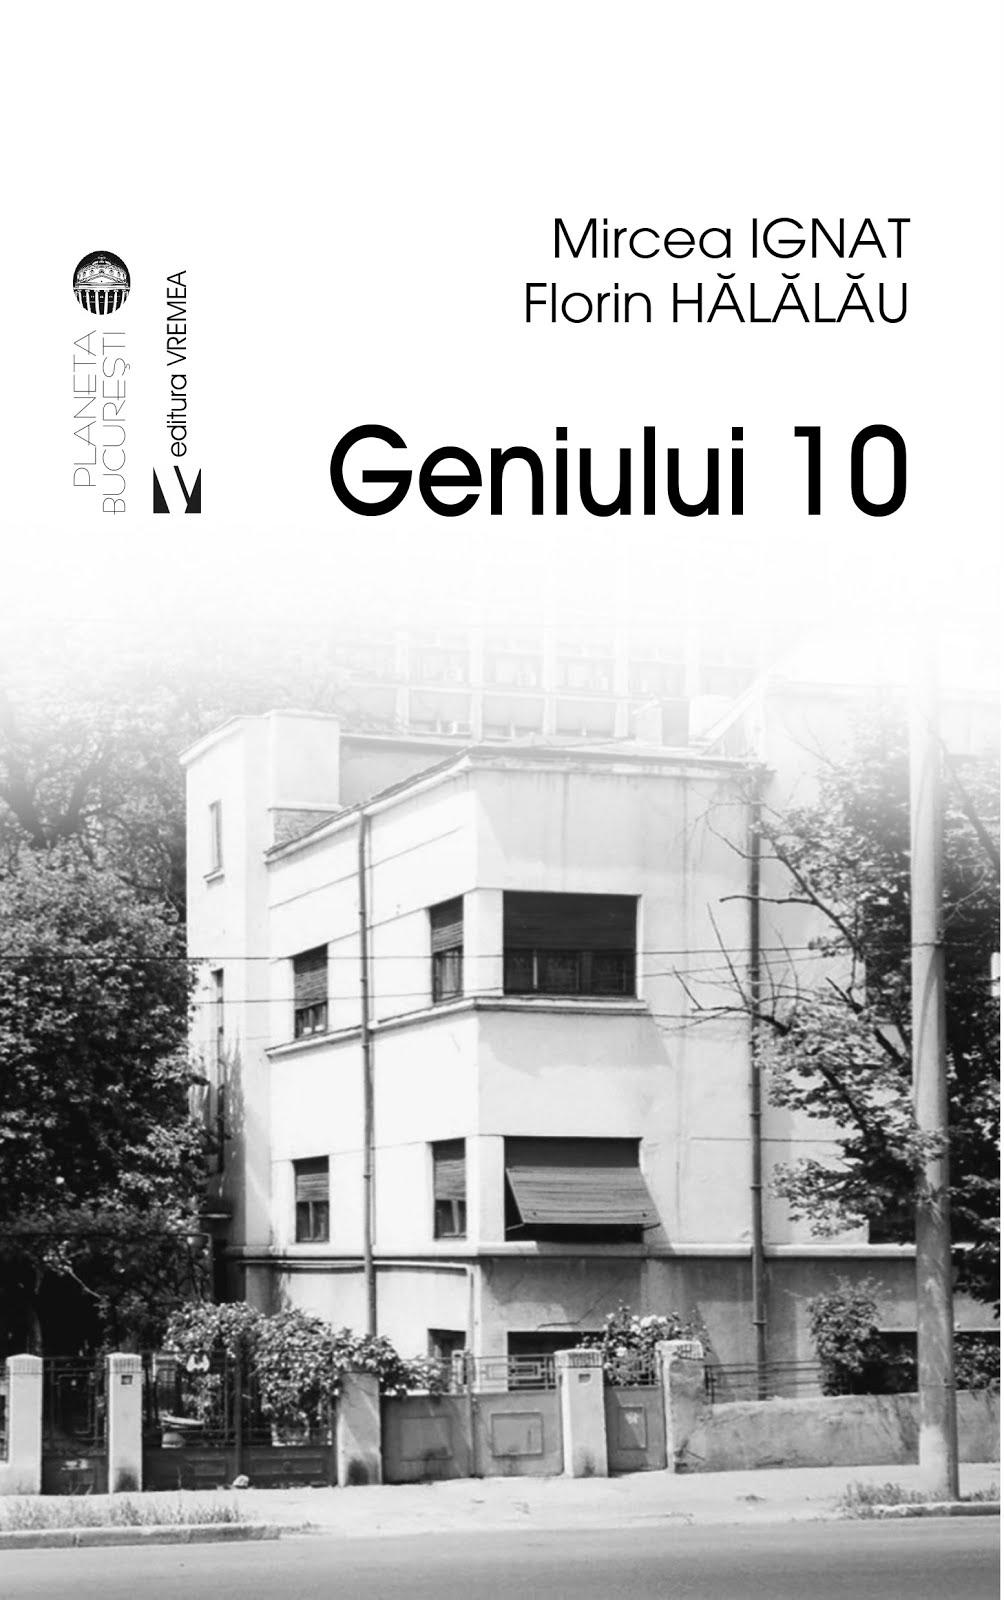 Geniului 10, Vremea, București, 2020